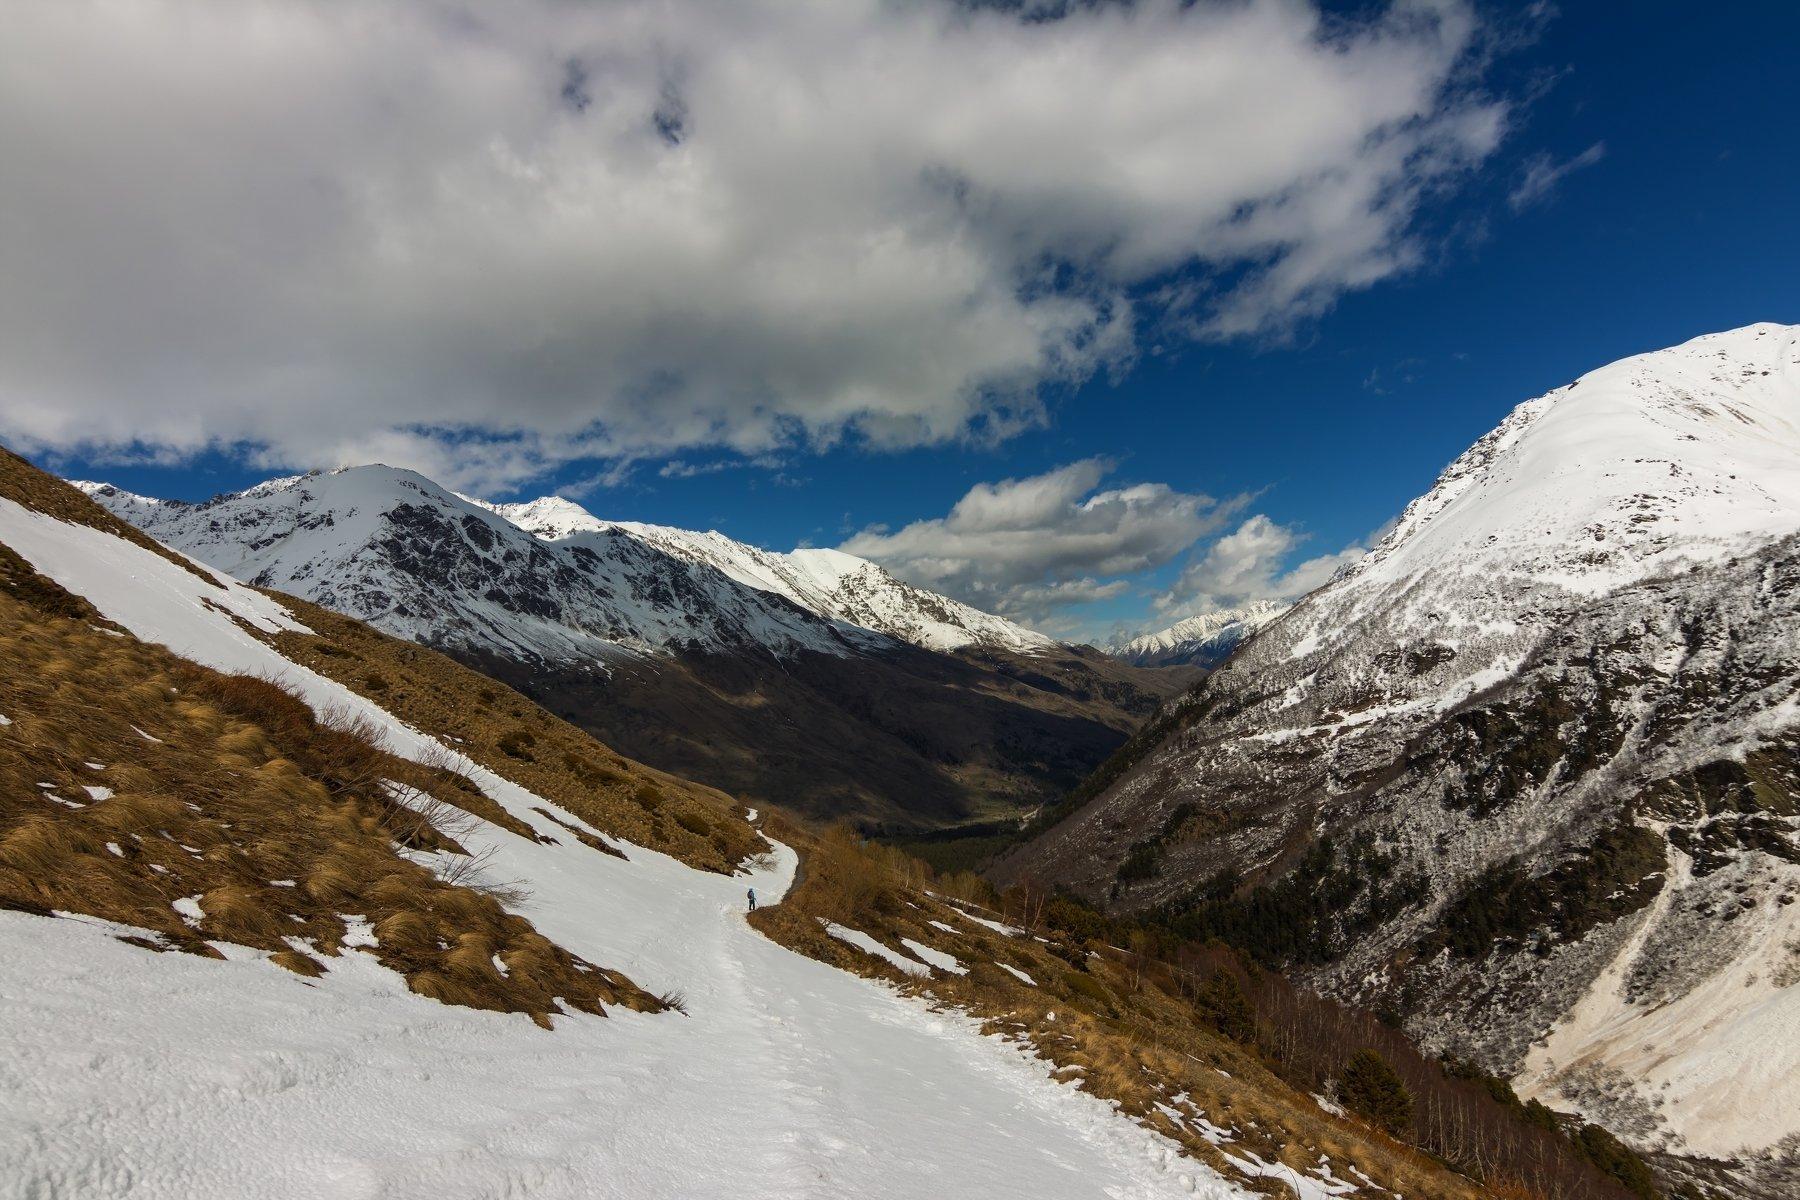 горы, облака, кавказ, восхождение, Эстелла